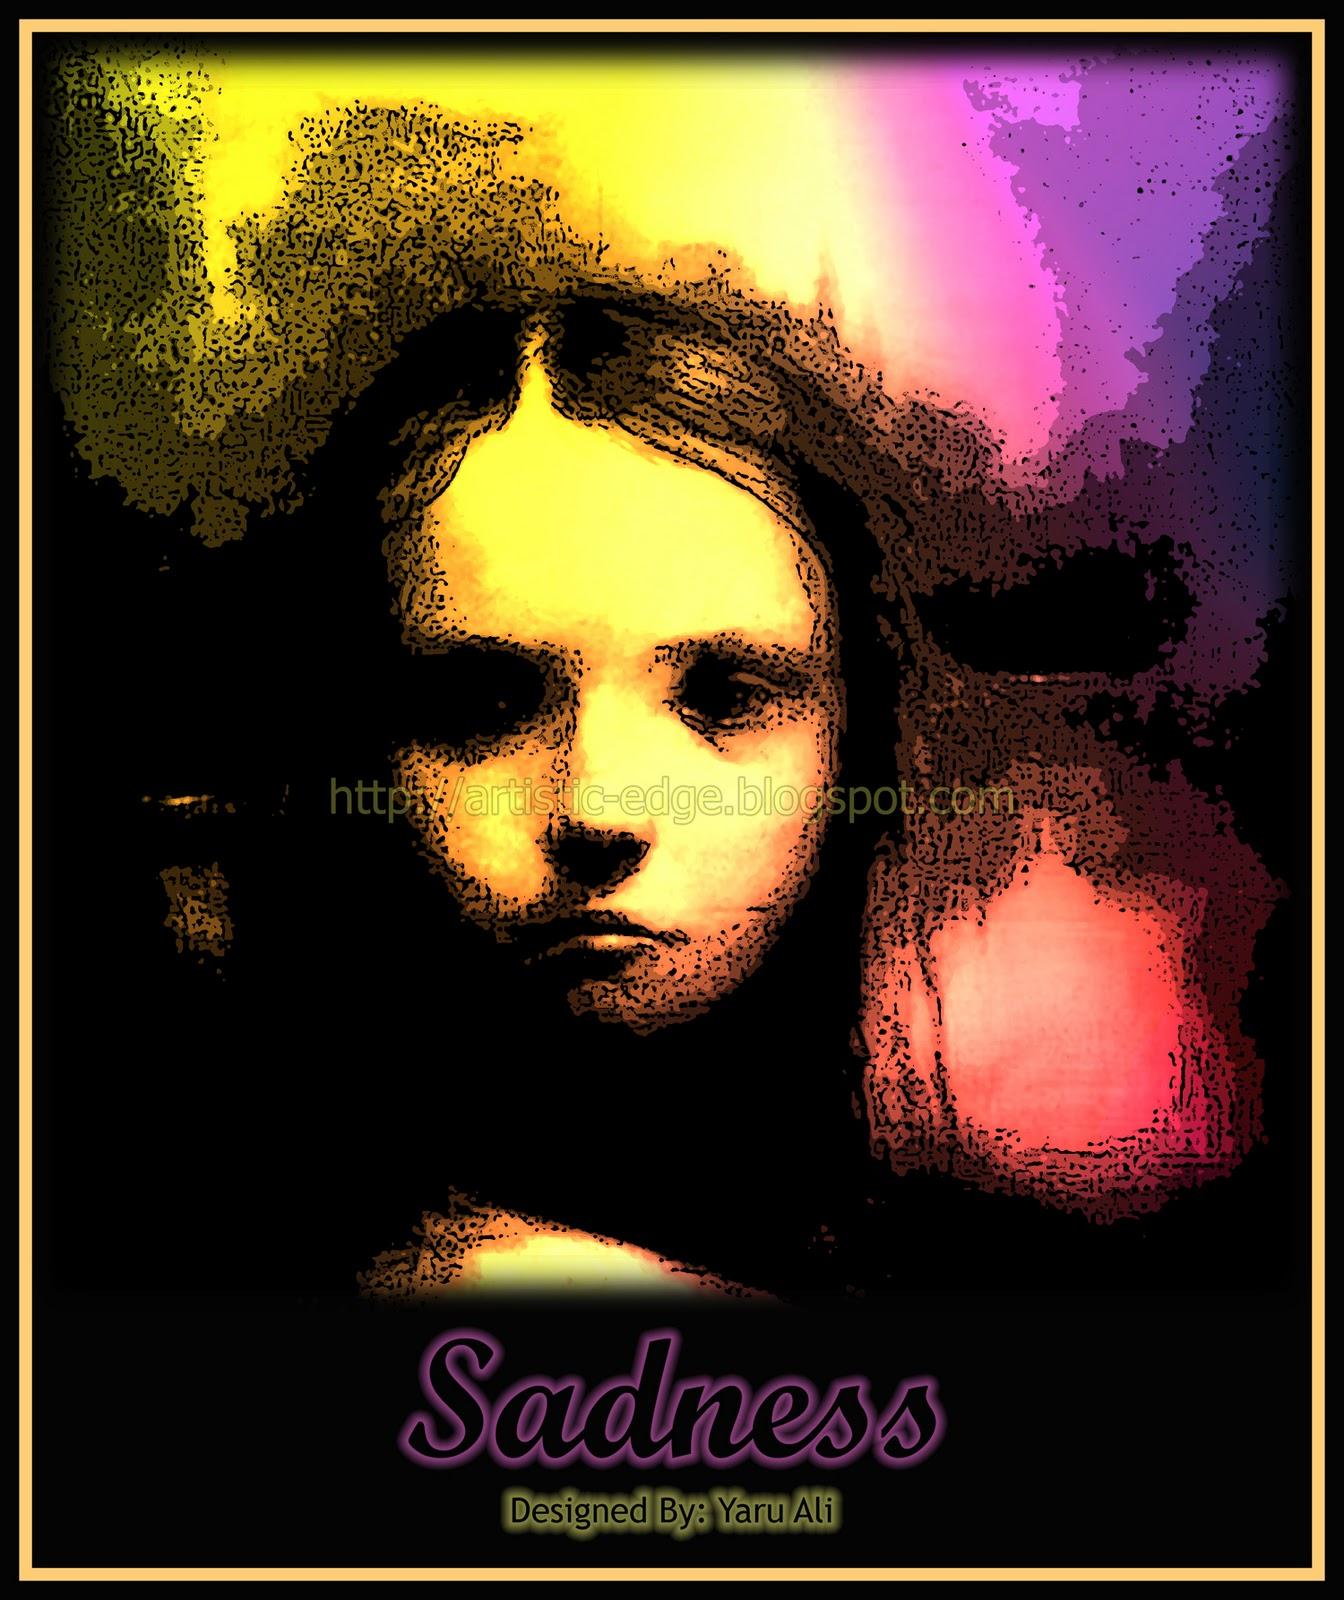 http://4.bp.blogspot.com/-QmXGN9PG6Q8/TZrpF5amrJI/AAAAAAAAAIc/uEonFmjkaKg/s1600/Sadness.jpg